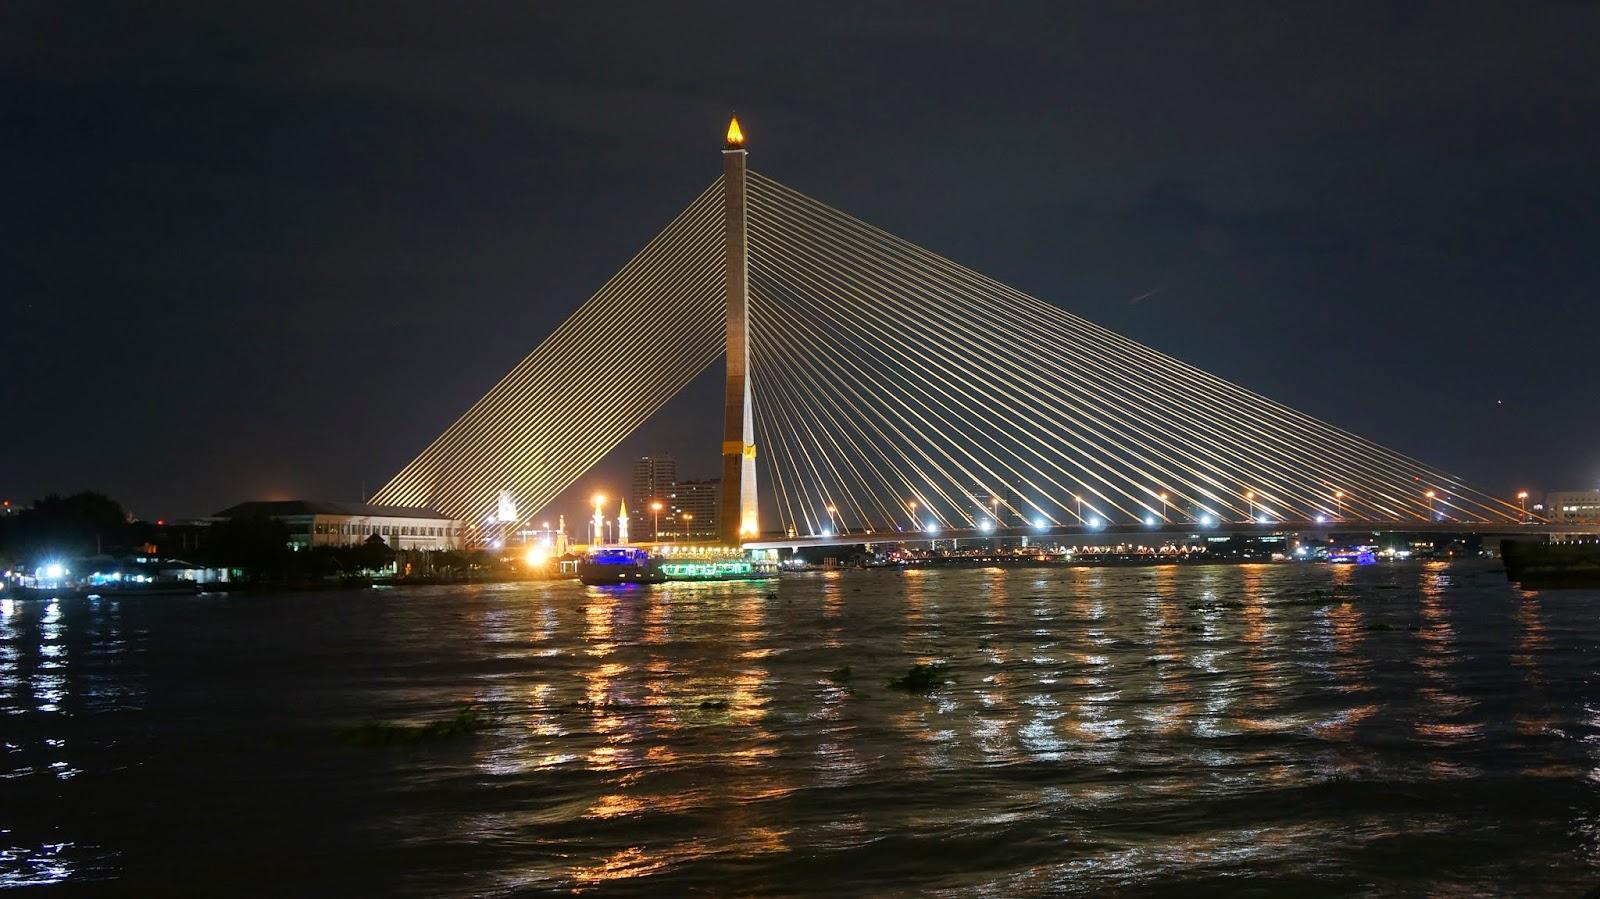 Rama VIII bridge at night, seen from Phra Athit pier